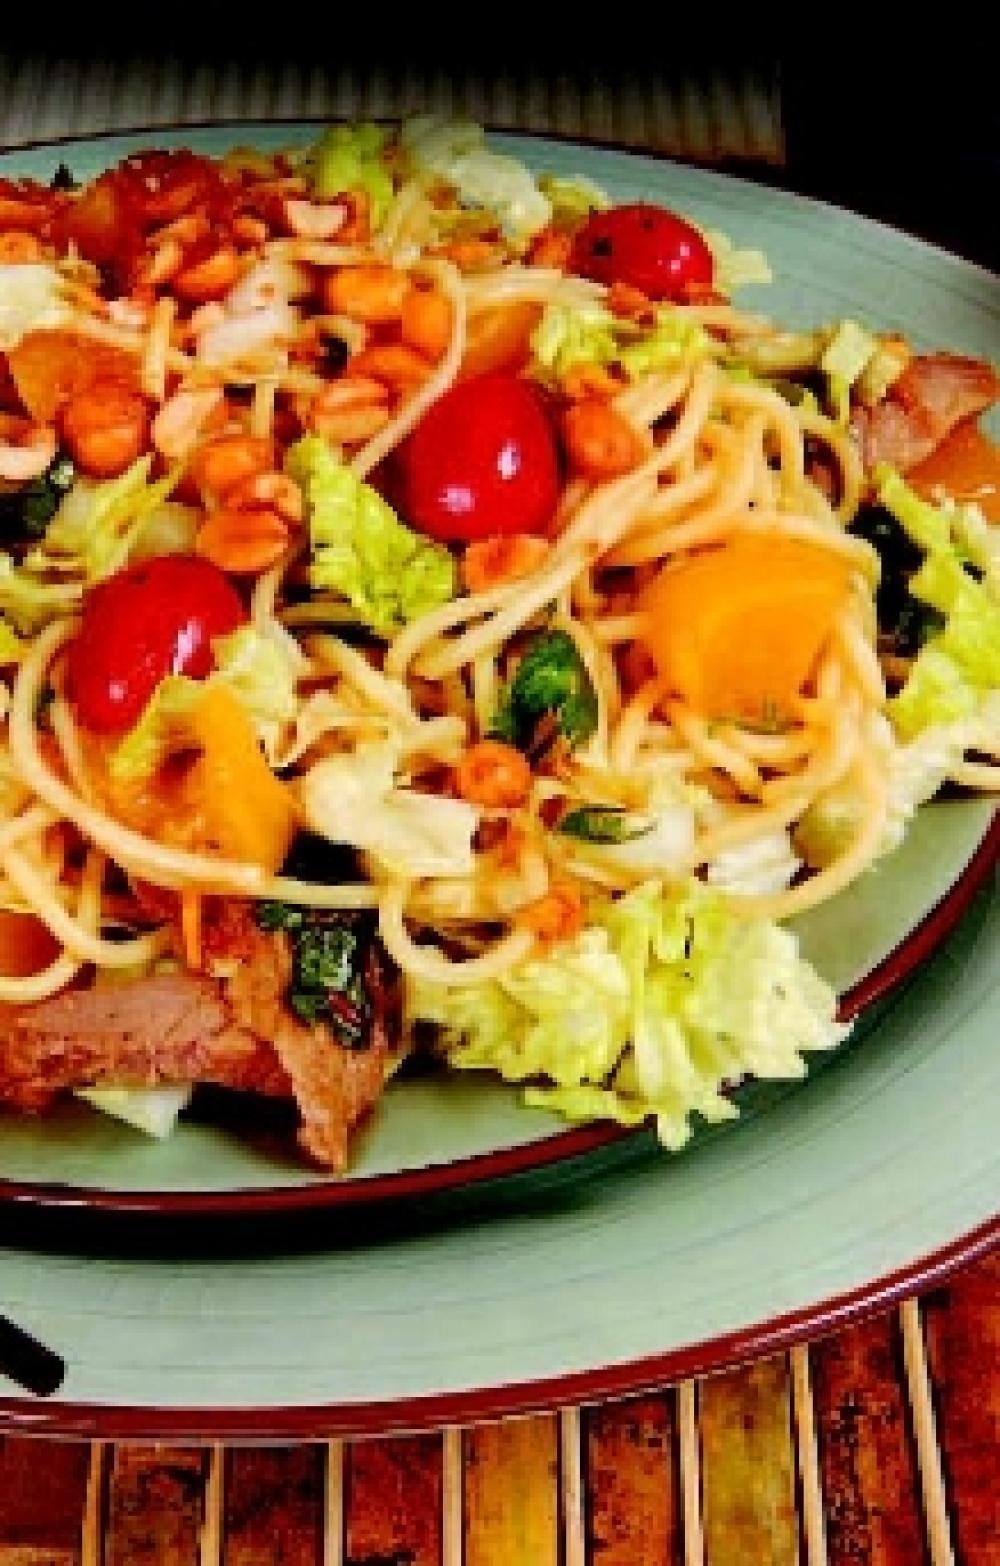 Thai Peach and Steak Salad